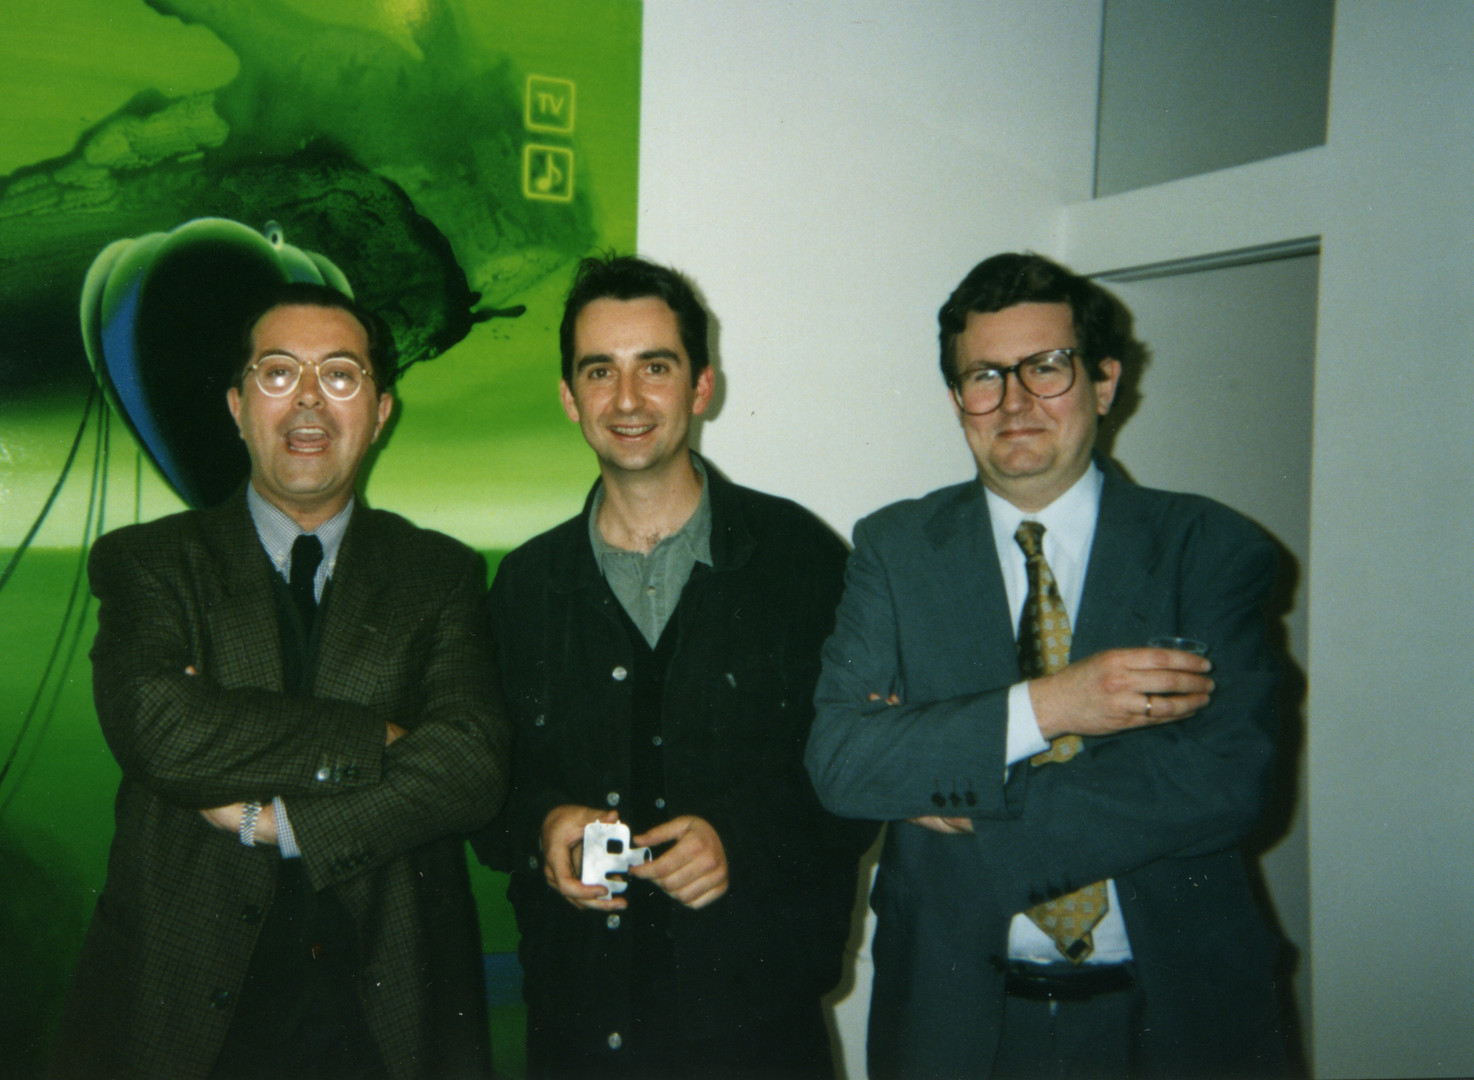 Ramón García Alcaraz, Joël Mestre (Cesar Fernández Arias) y Juan Manuel Bonet. Exposición EL ESPECTADOR Galeria My Name's Lolita Art (Madrid, 1997)